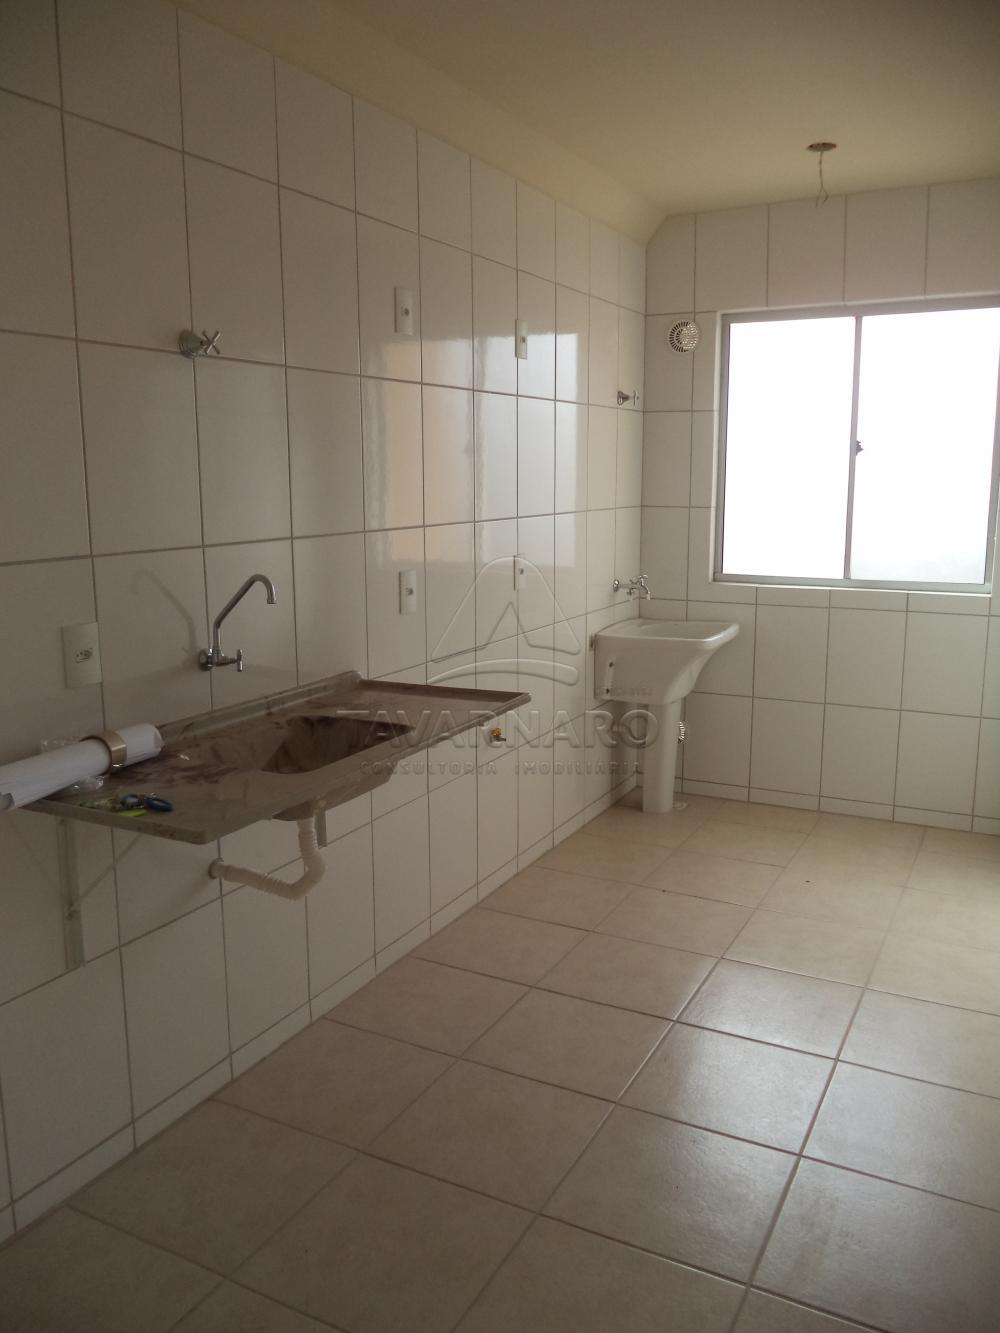 Alugar Apartamento / Padrão em Ponta Grossa R$ 570,00 - Foto 5